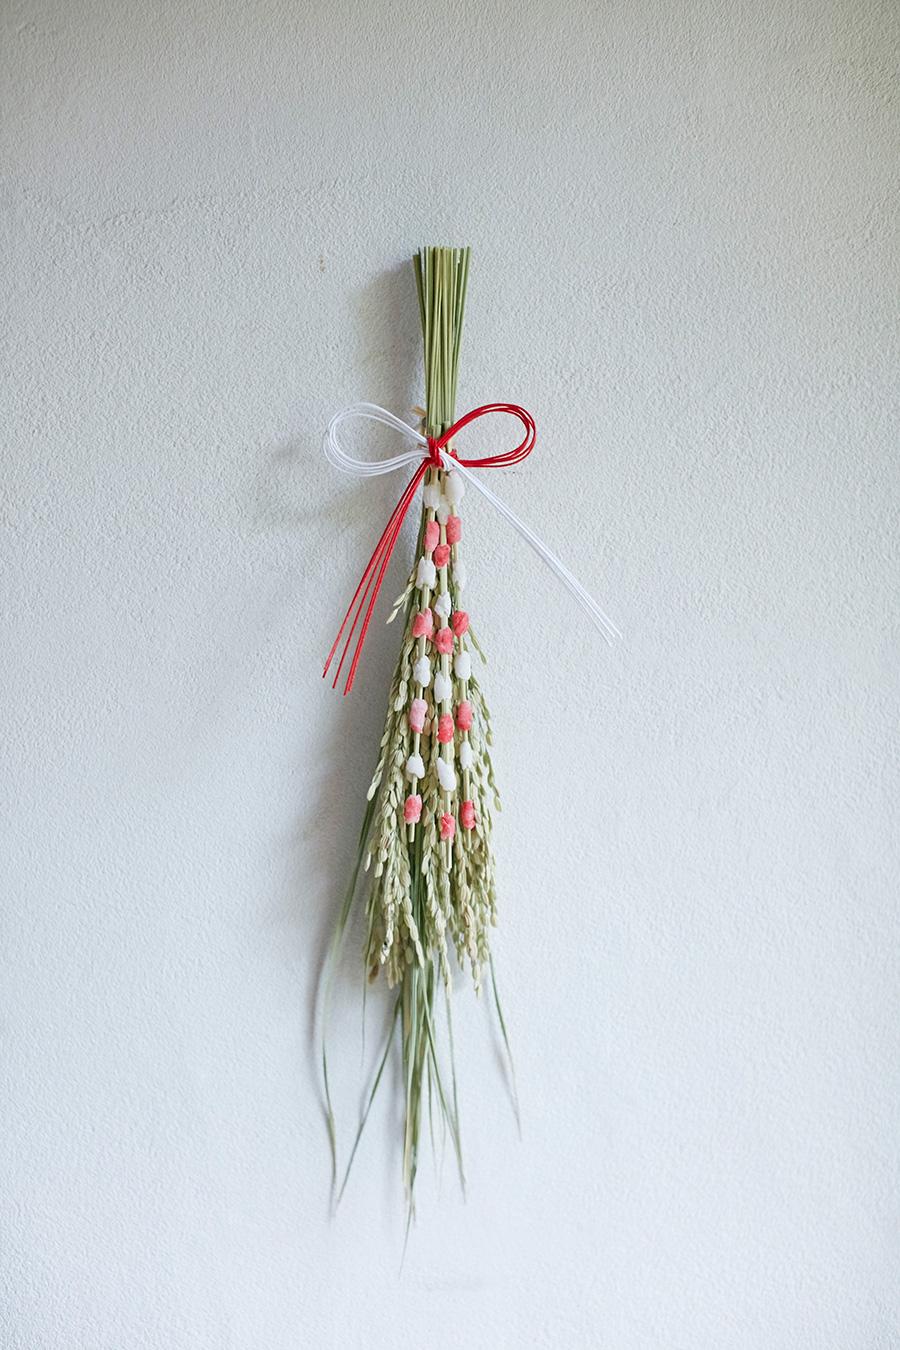 稲穂と餅花を束ね、水引を結んで飾る。